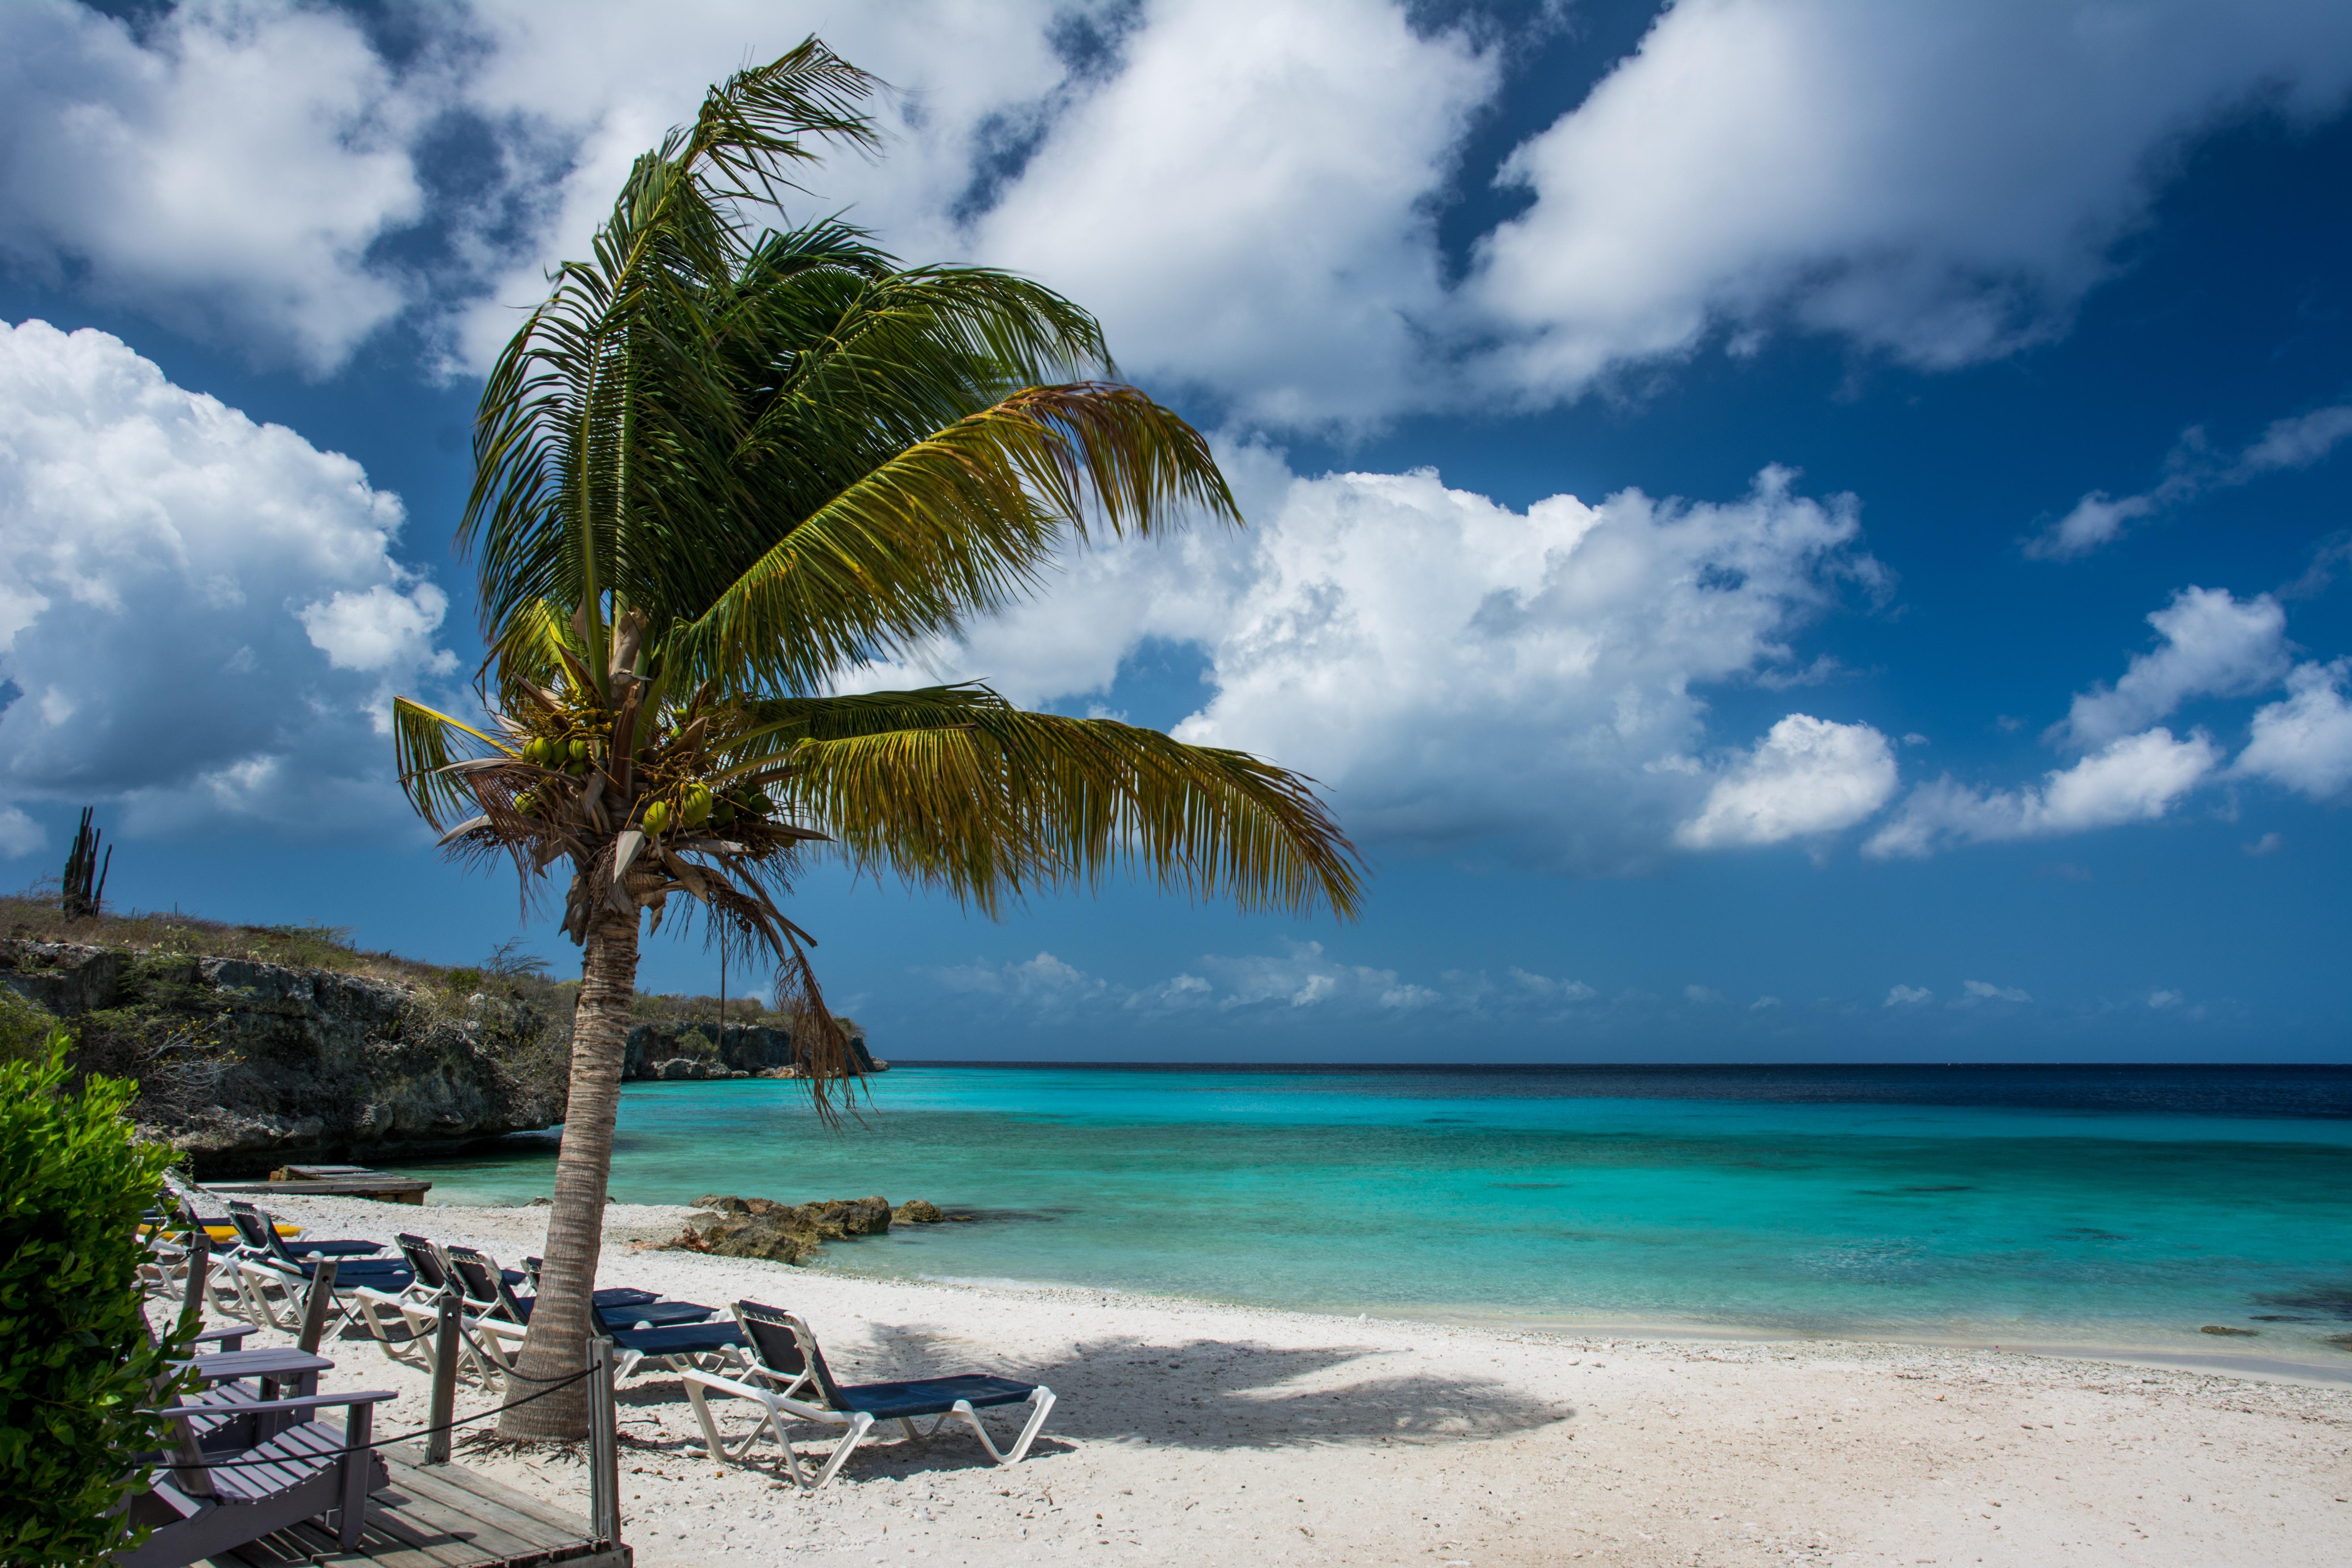 Free Images : Beach, Landscape, Sea, Coast, Nature